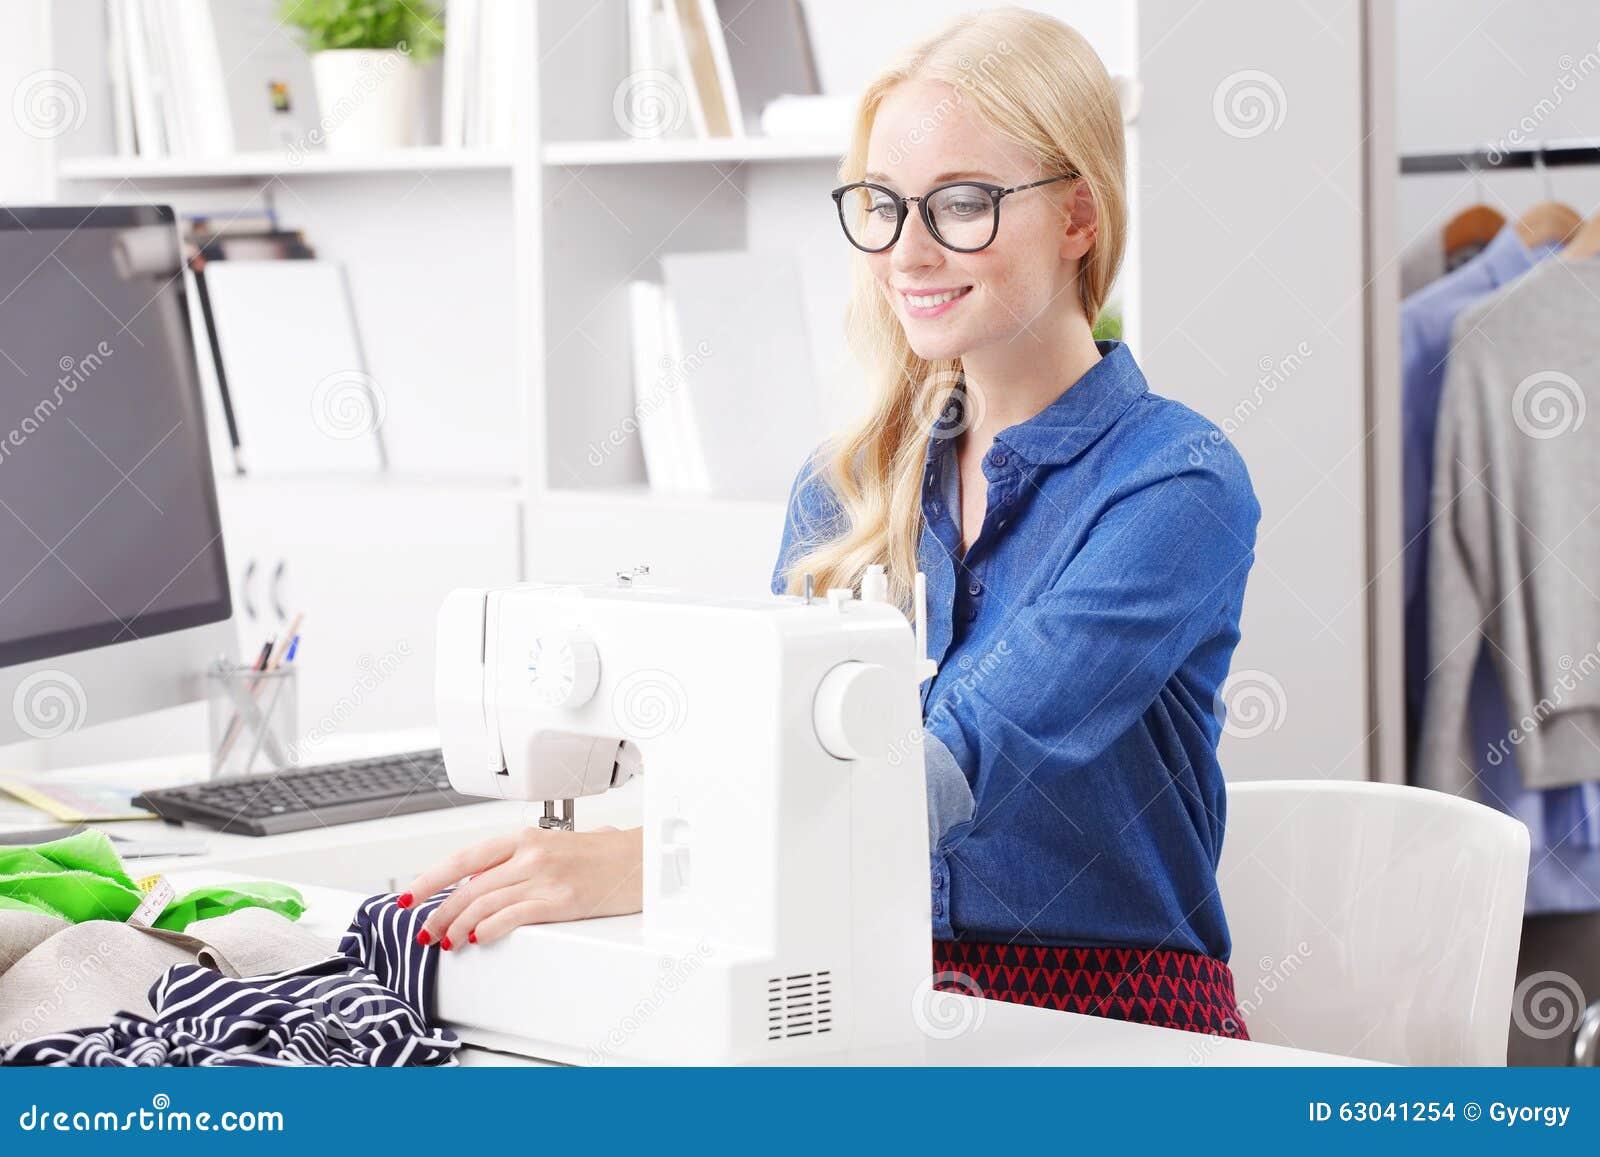 Mujer profesional rubia foto de archivo. Imagen de ayudante - 63041254